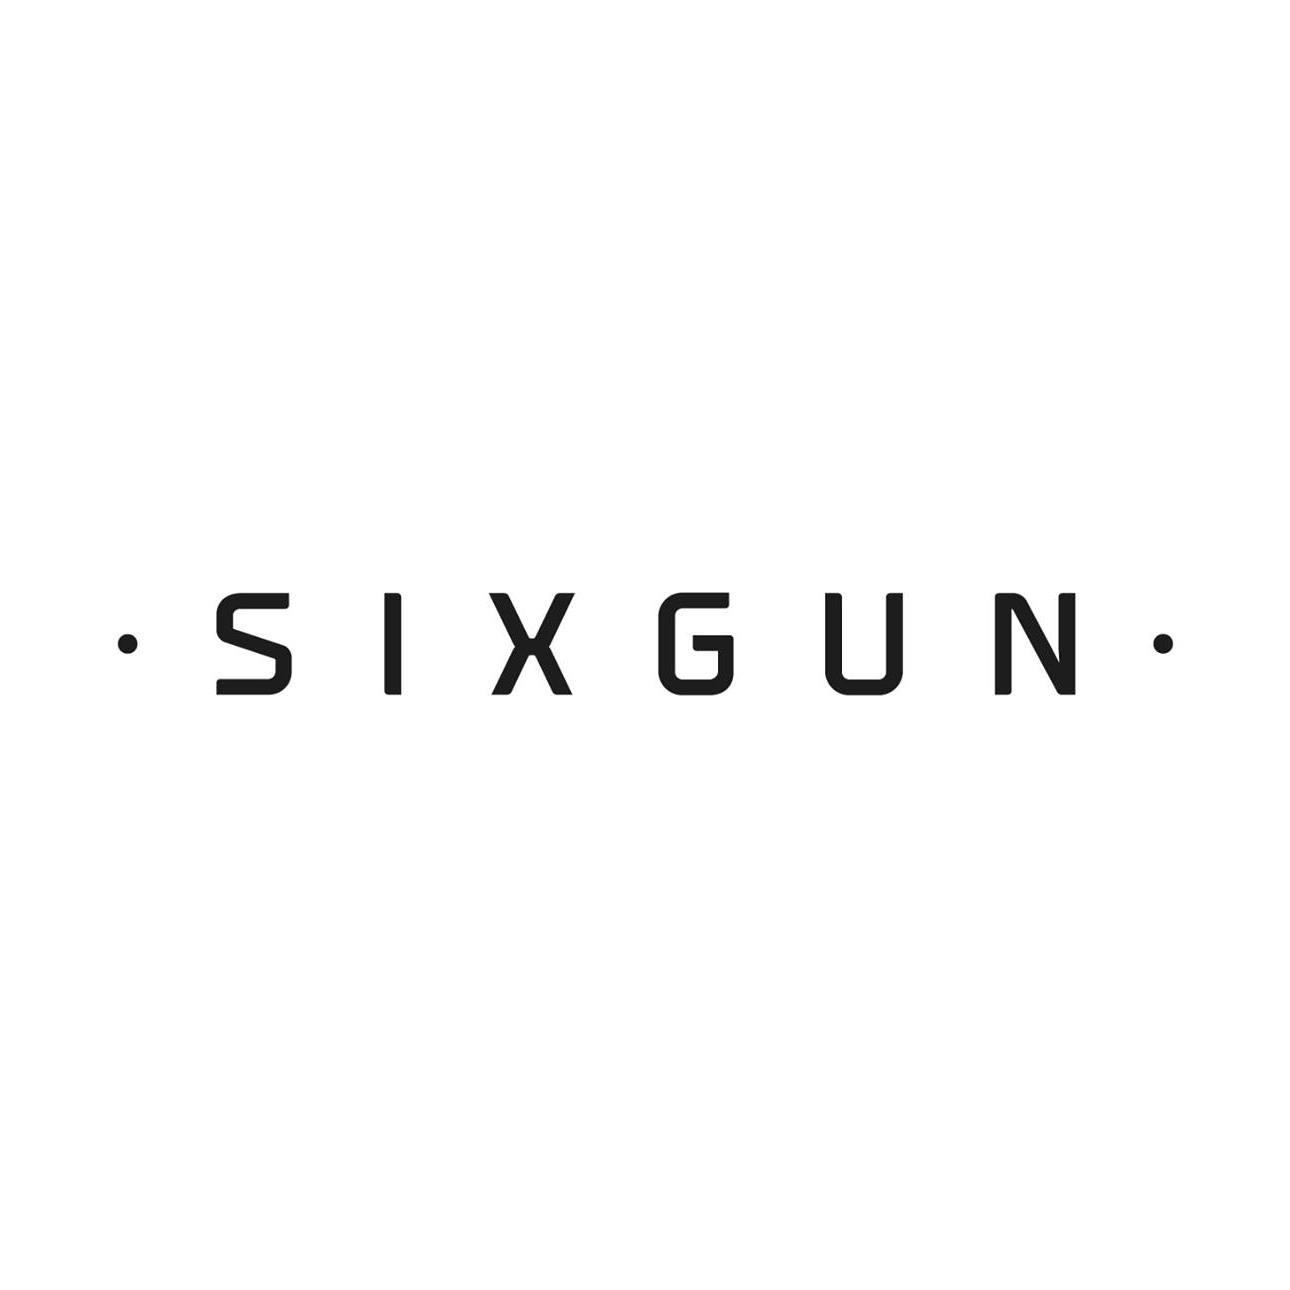 sixgun-agency-logo